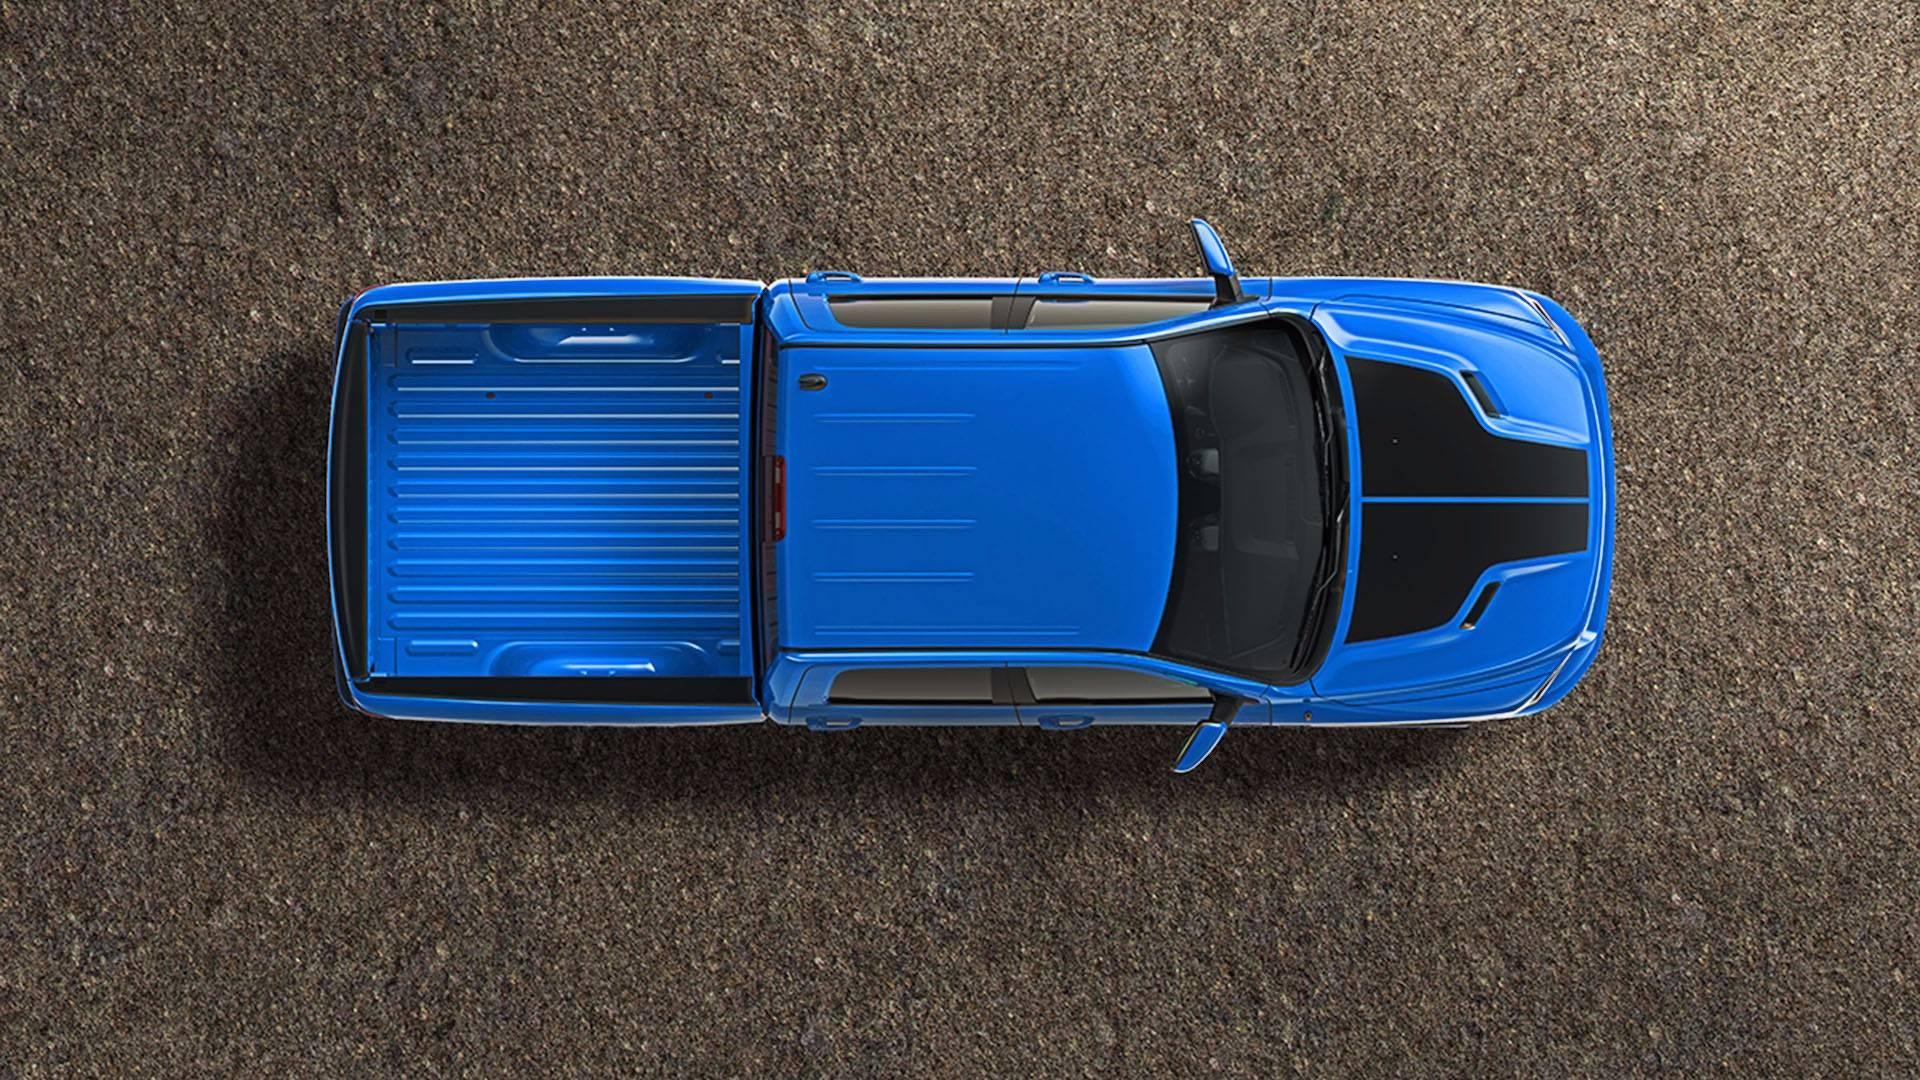 2018 Ram 1500 Blue Sport